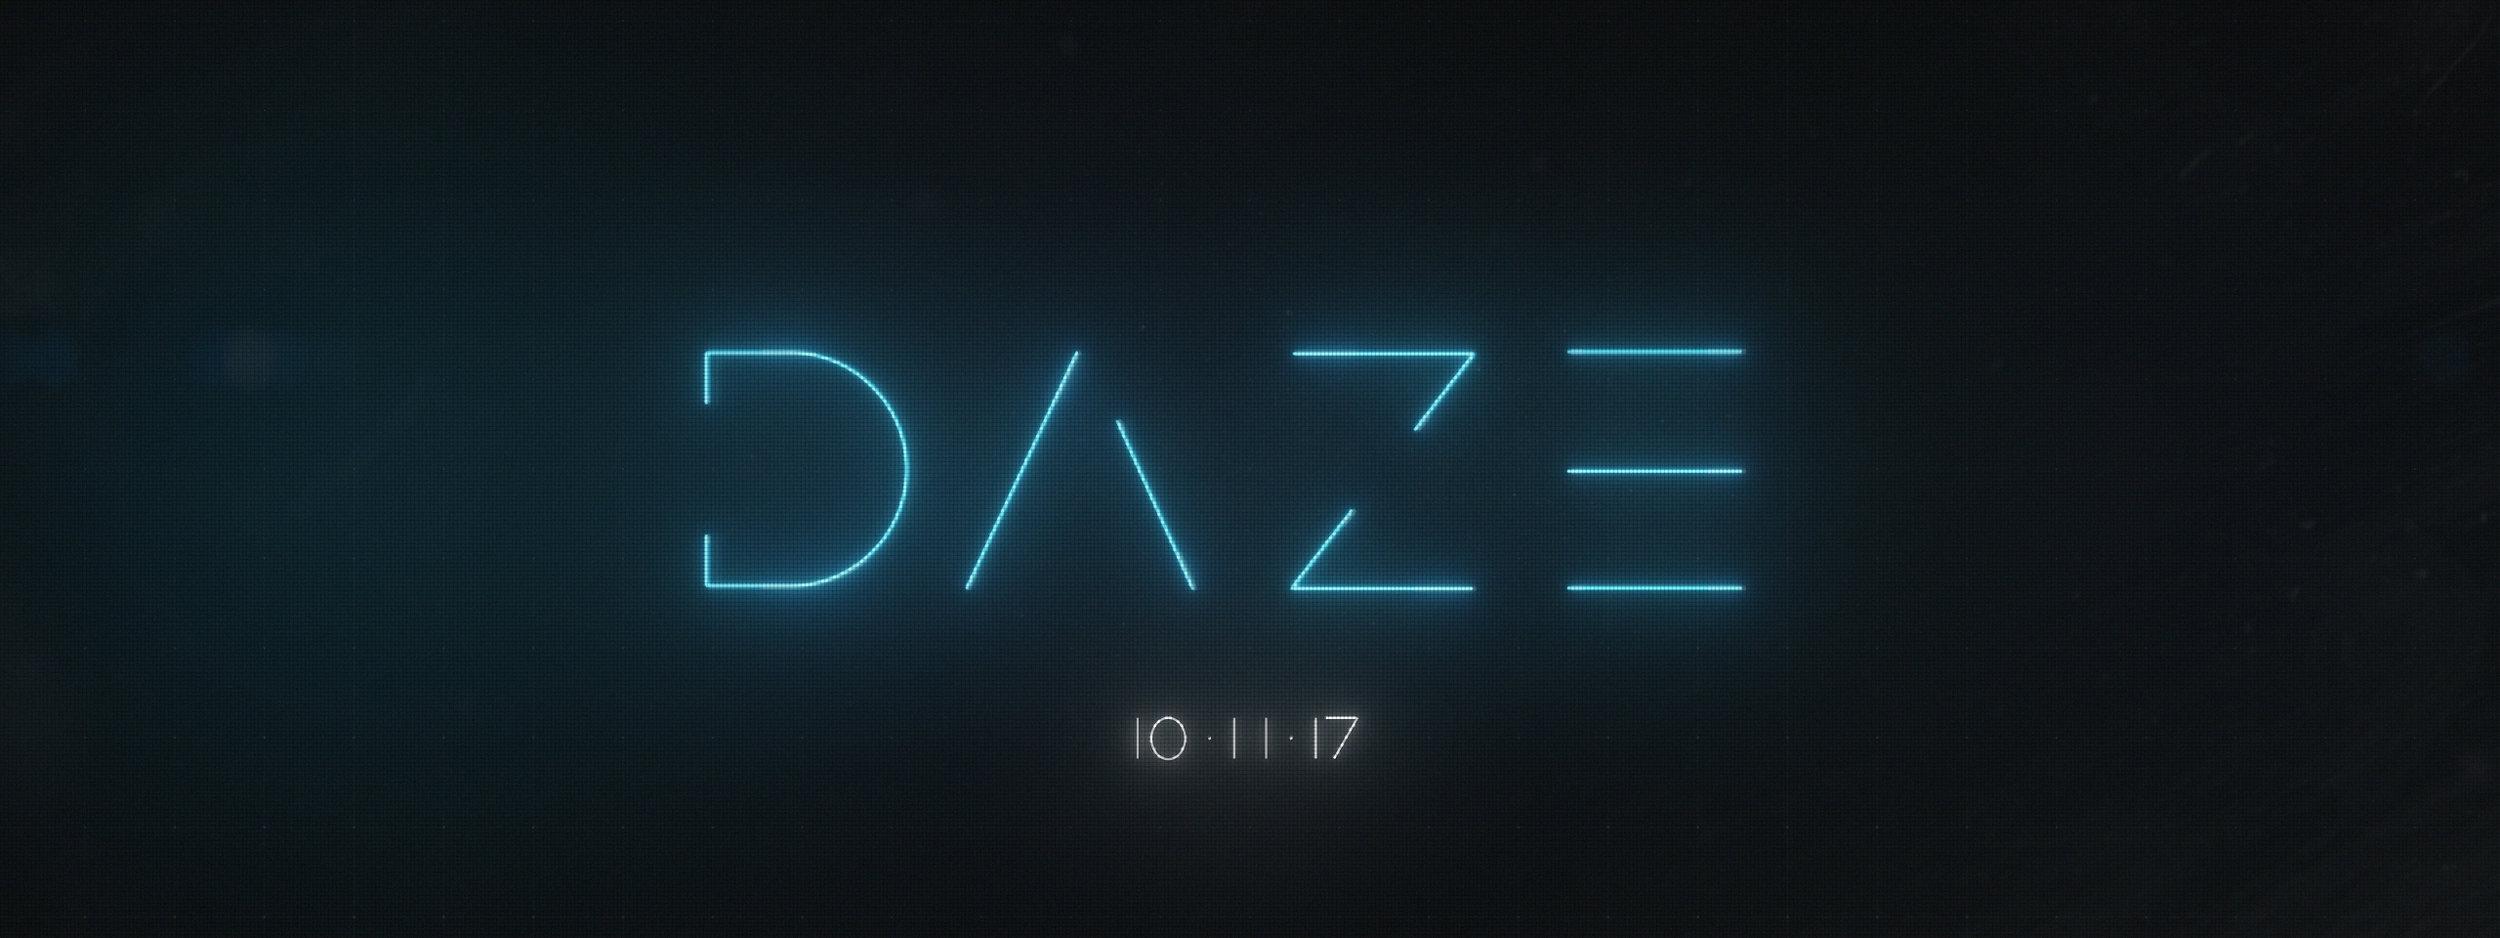 DAZE_teaser_Cine_MASTER_Lossless (0;00;22;29).jpg